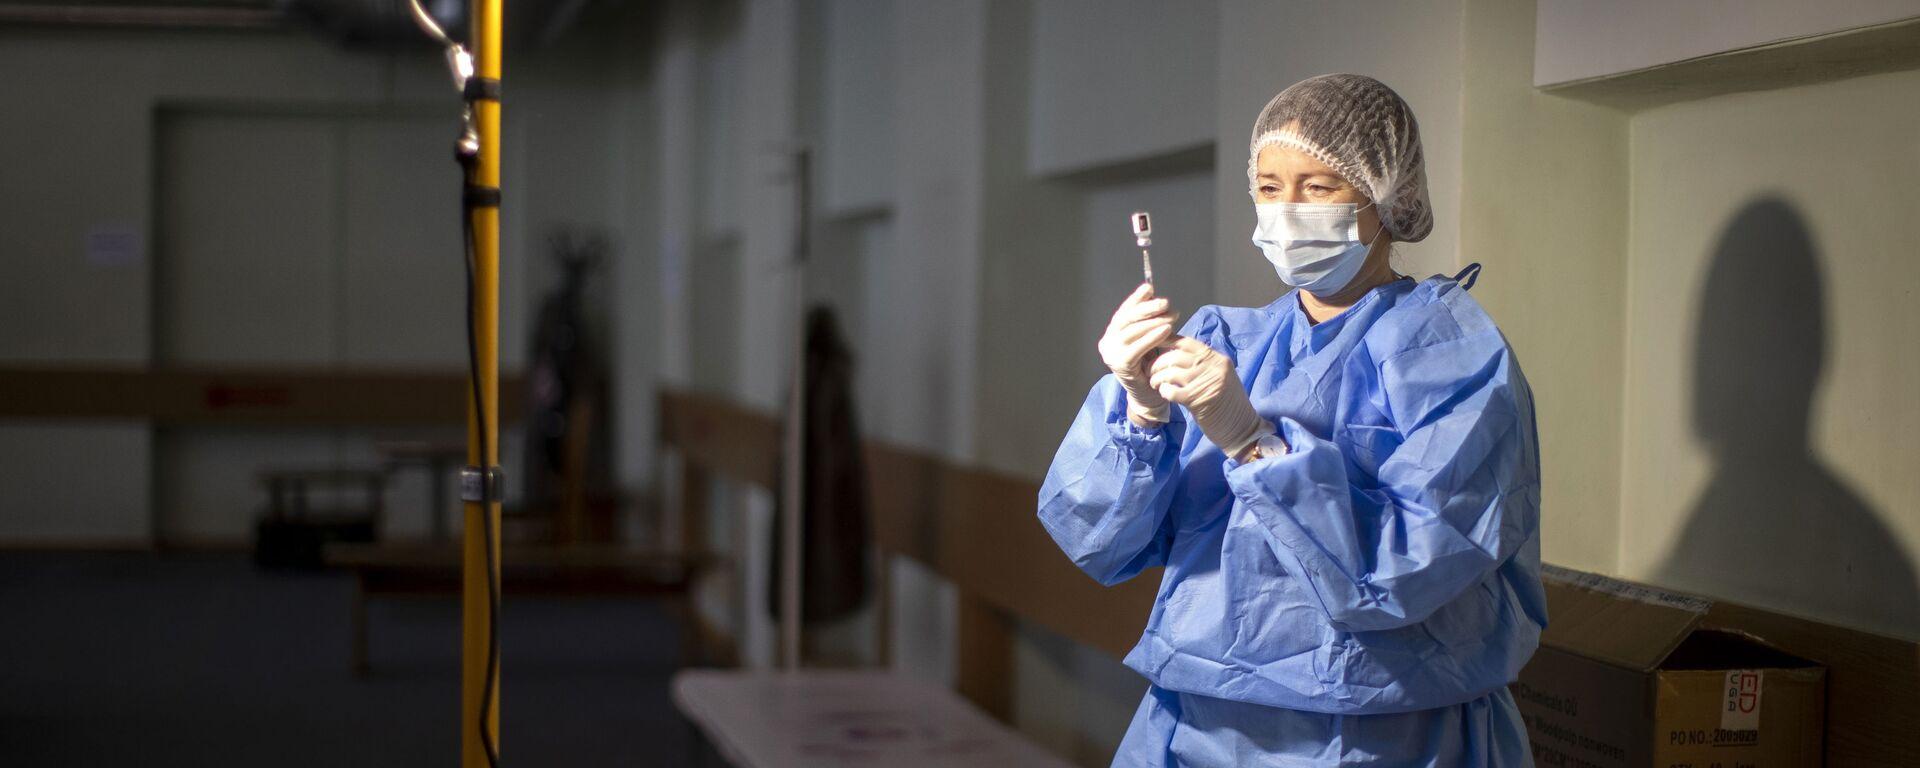 Litewski pracownik medyczny przygotowuje szczepionkę przeciwko koronawirusowi - Sputnik Polska, 1920, 01.05.2021